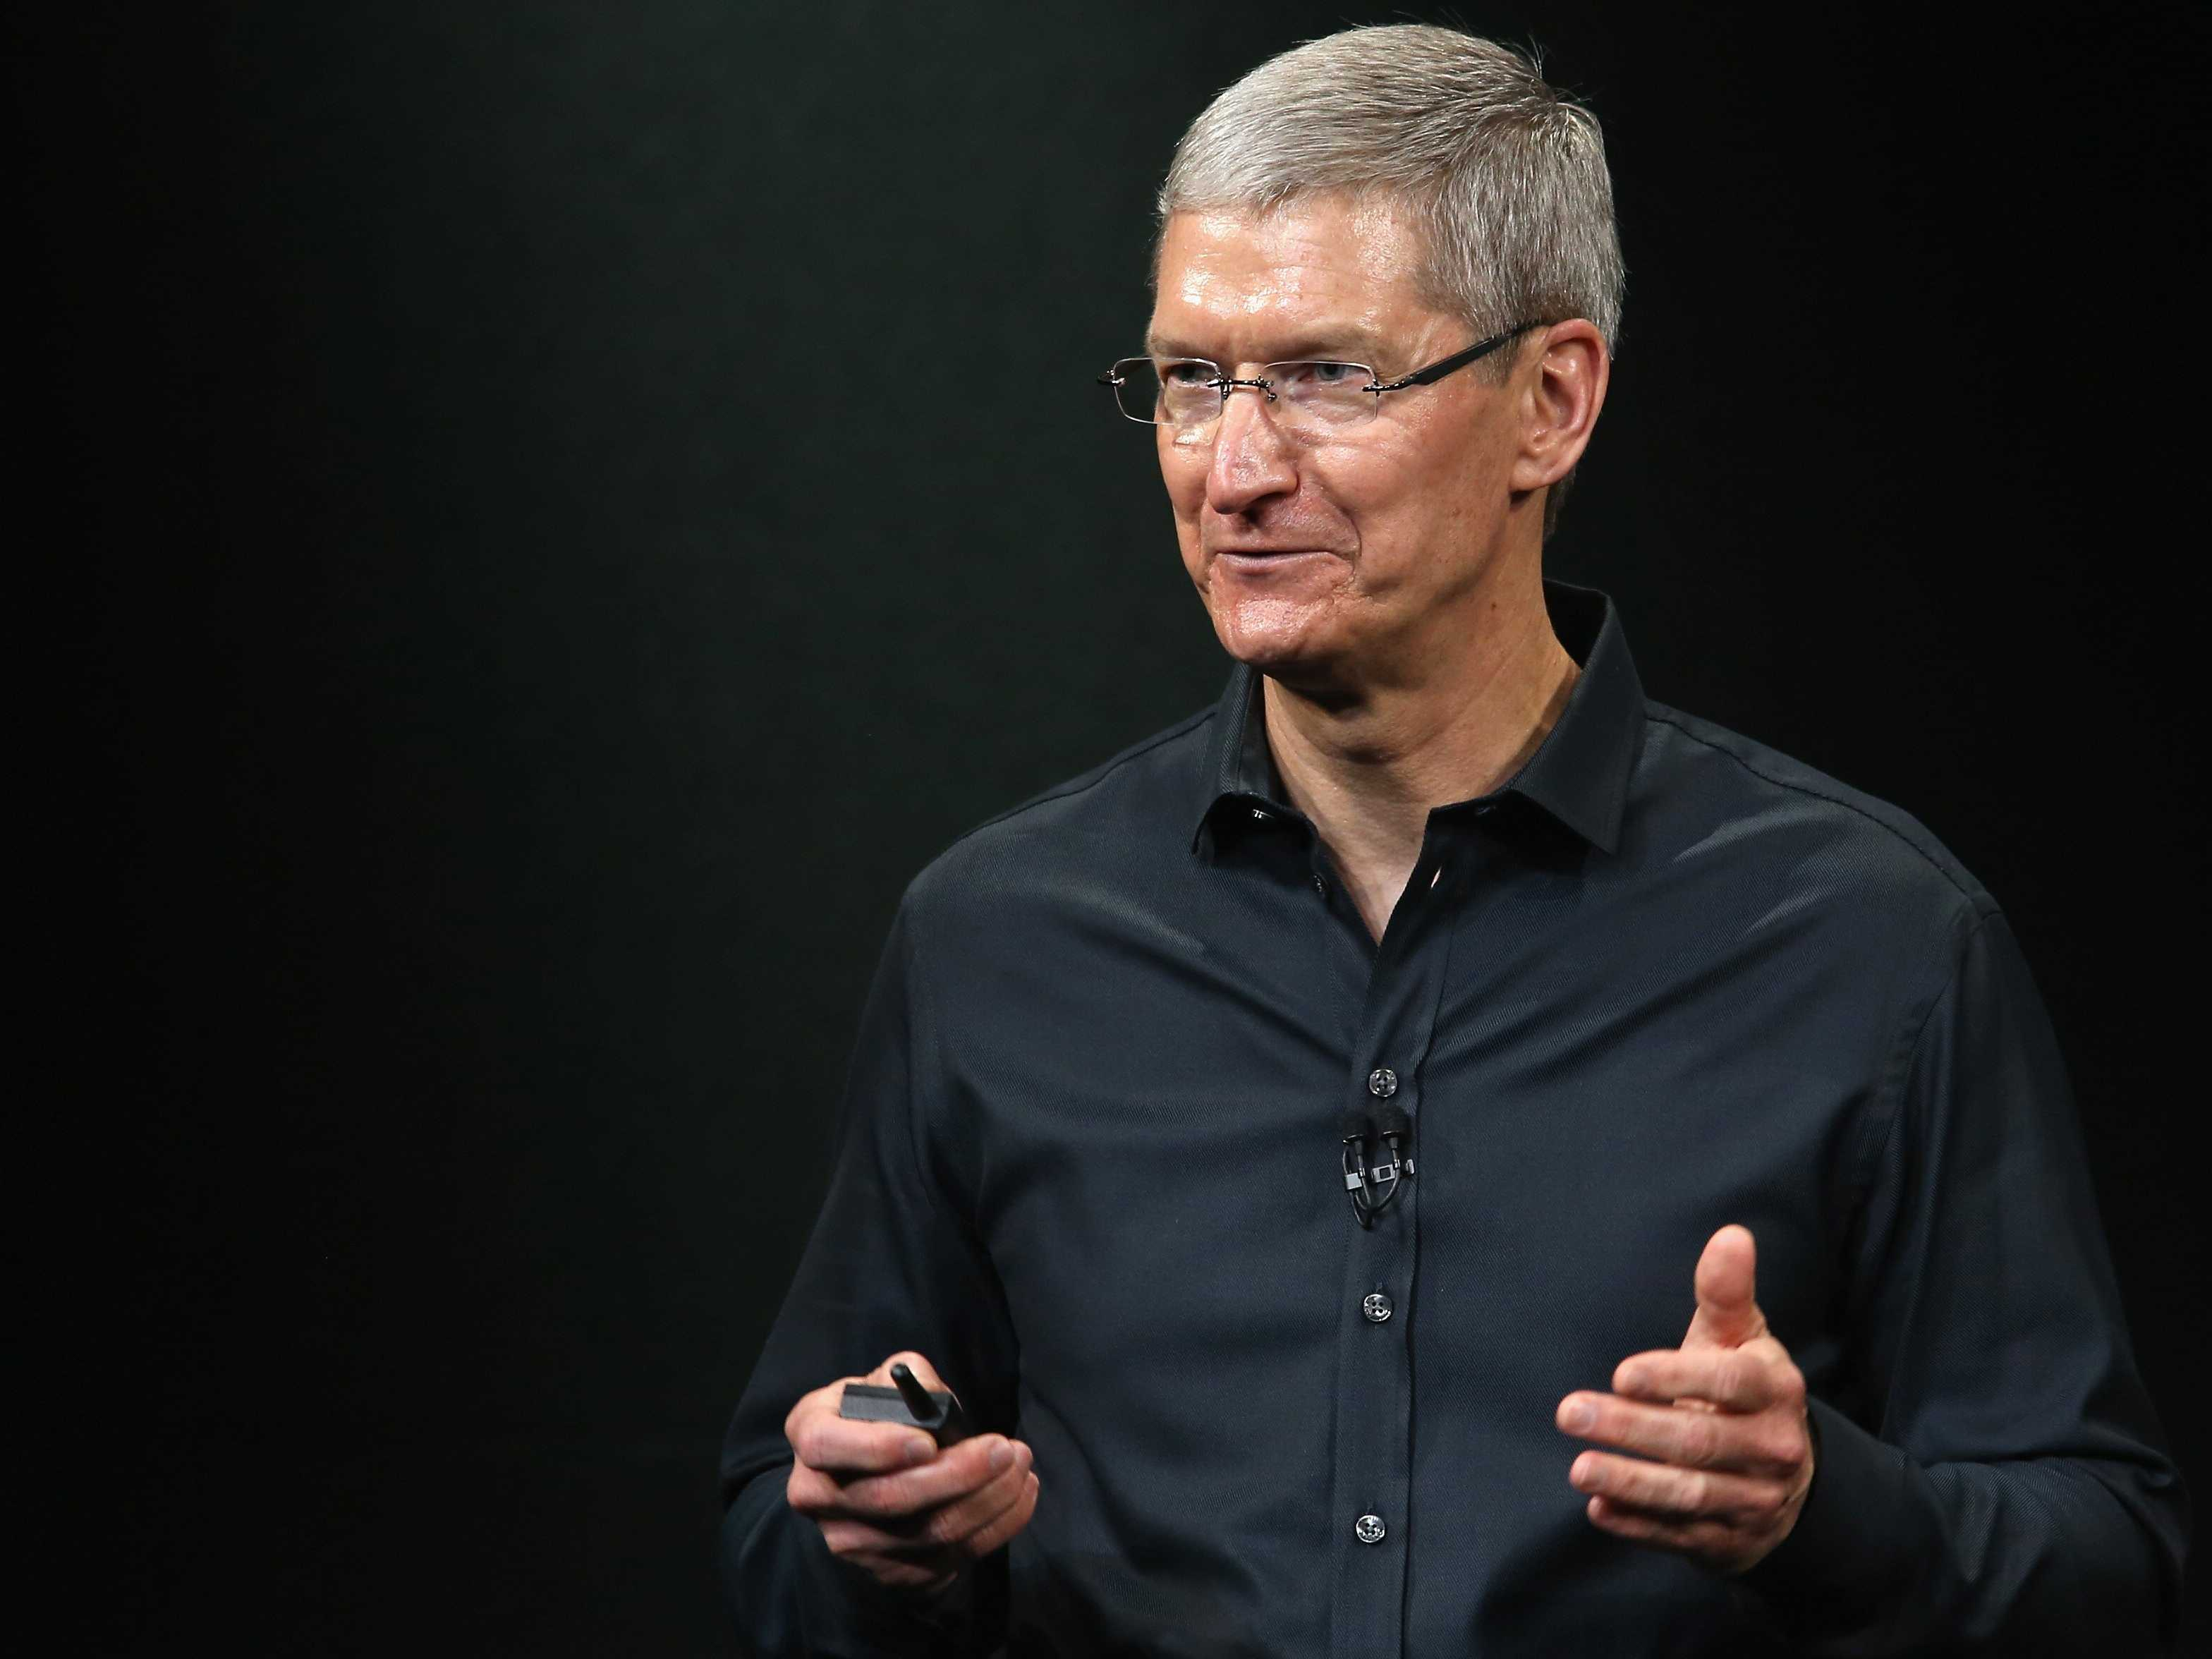 Tim Cook Apple non produrrà iPhone economico, delusi tanti fan